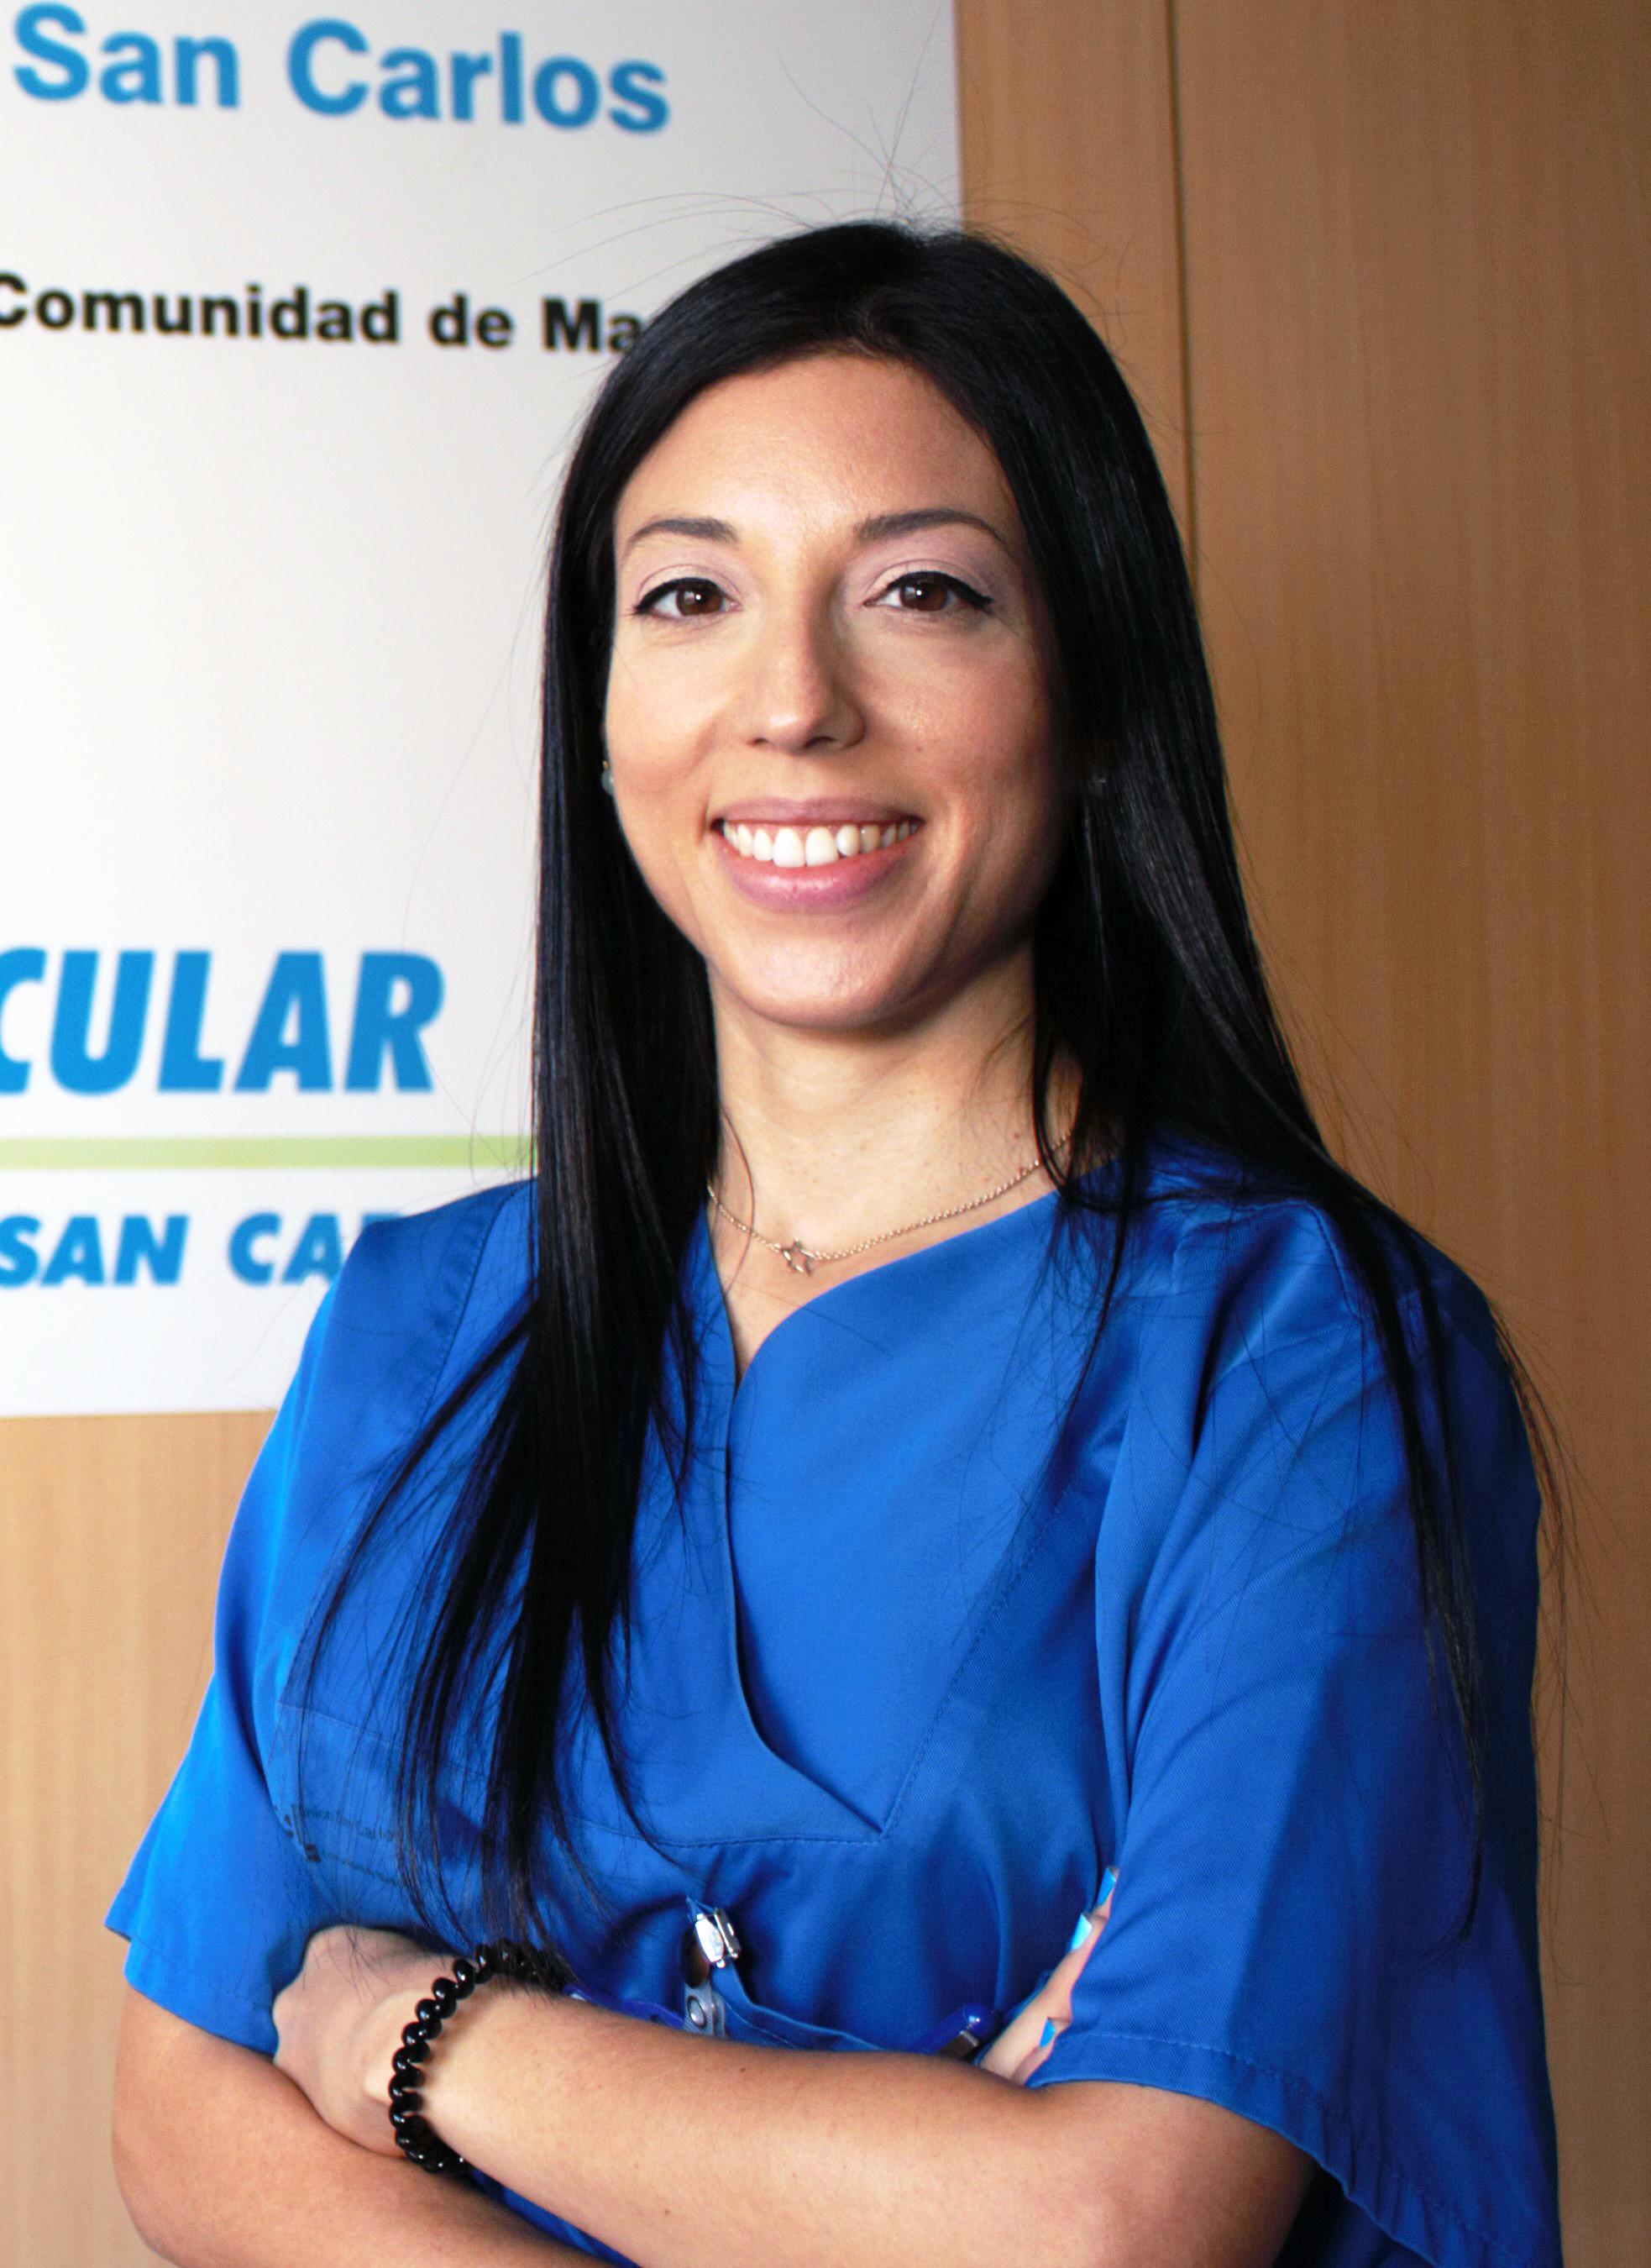 Dra. Carolina Espejo